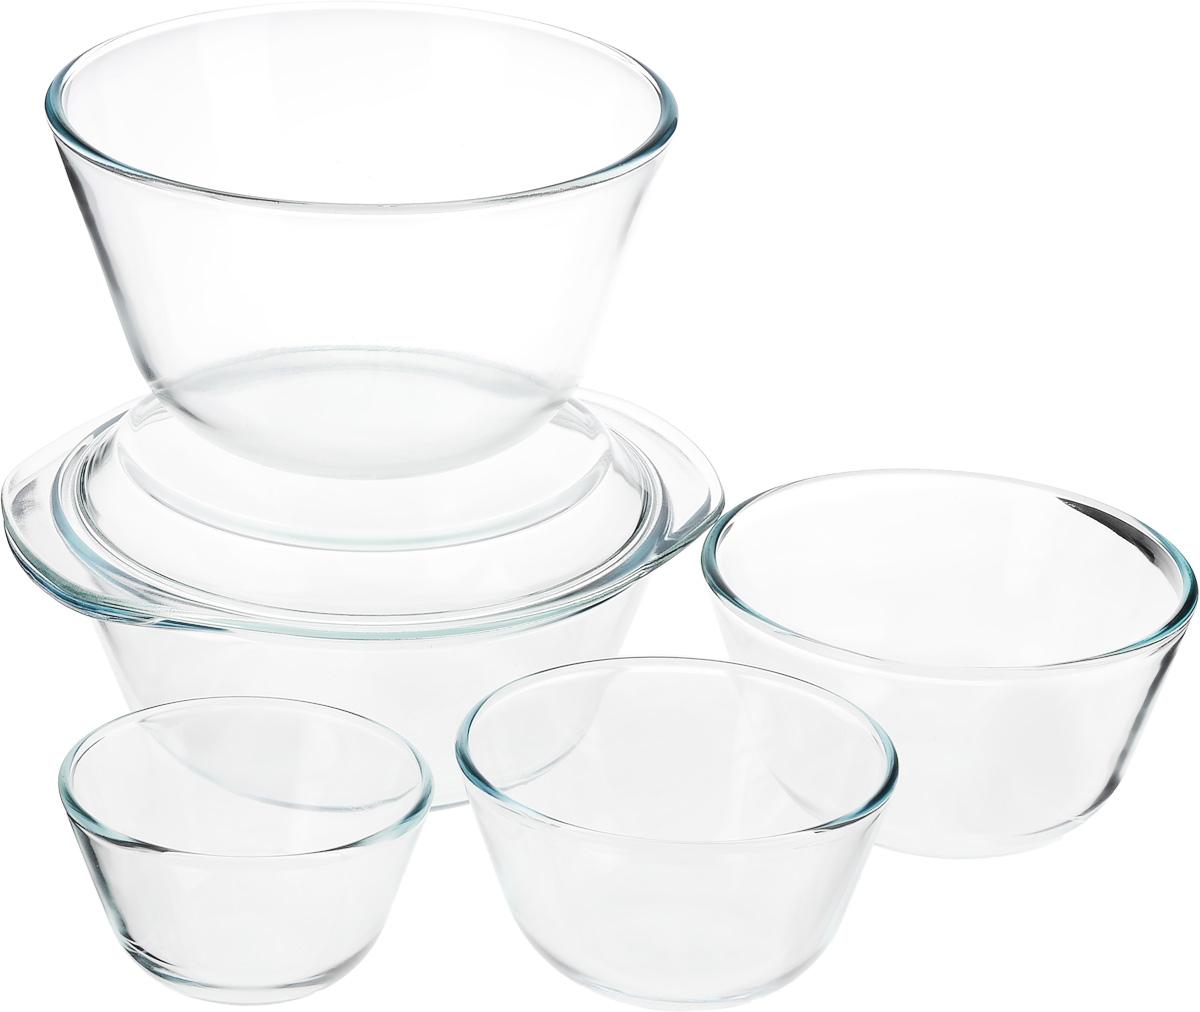 Набор термостойкой посуды Helper Gurman, 6 предметов4544Набор Helper Gurman состоит из четырех мисок и кастрюли с крышкой. Посуда изготовлена из жаропрочного стекла. Стеклянная огнеупорная посуда идеальна для приготовления блюд в духовке, микроволновой печи, а также для хранения продуктов в холодильнике и морозильной камере. Безопасна с точки зрения экологии. Не вступает в реакции с готовящейся пищей, не боится кислот и солей. Не ржавеет, в ней не появляется накипь. Не впитывает запахи и жир. Благодаря прозрачности стекла, за едой можно наблюдать при ее готовке. Изделия оснащены небольшими ручками. Можно мыть в посудомоечной машине. Объем мисок: 400 мл, 650 мл, 1,25 л, 3 л. Диаметр мисок: 11,5 см, 12,5 см, 16 см, 21,5 см. Высота стенки мисок: 6,5 см, 7,5 см, 9 см, 12 см. Объем кастрюли: 2,3 л. Диаметр кастрюли: 22 см. Высота стенки кастрюли: 8,5 см.